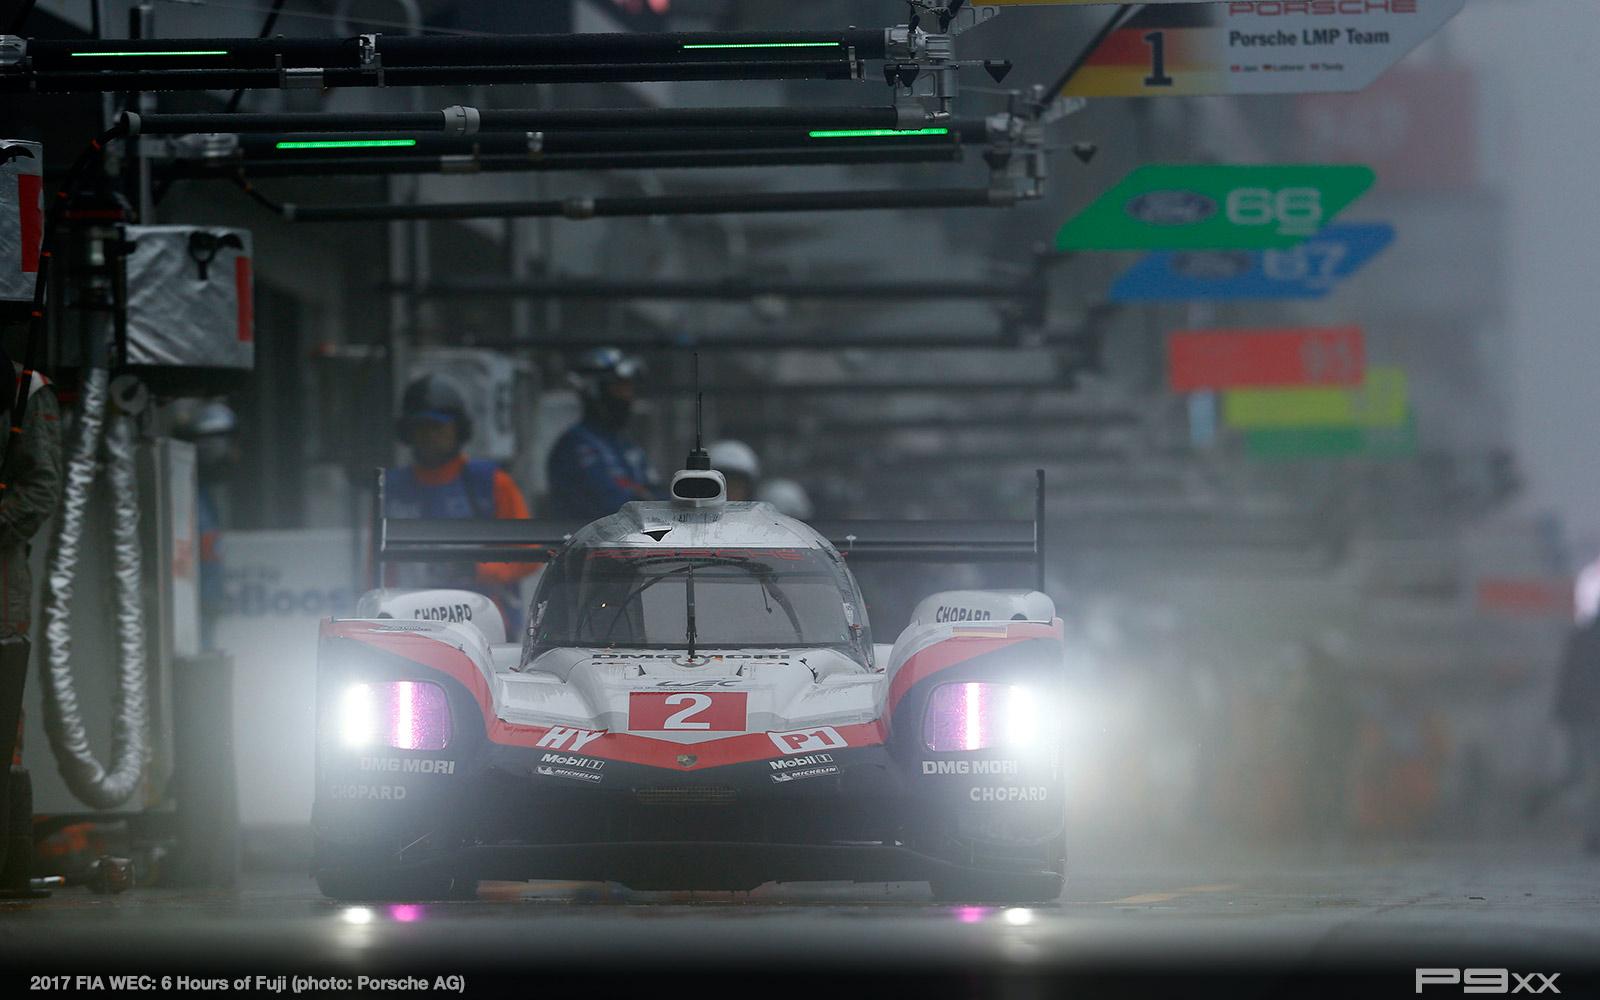 2017-FIA-WEC-6h-of-Fuji-Porsche-456